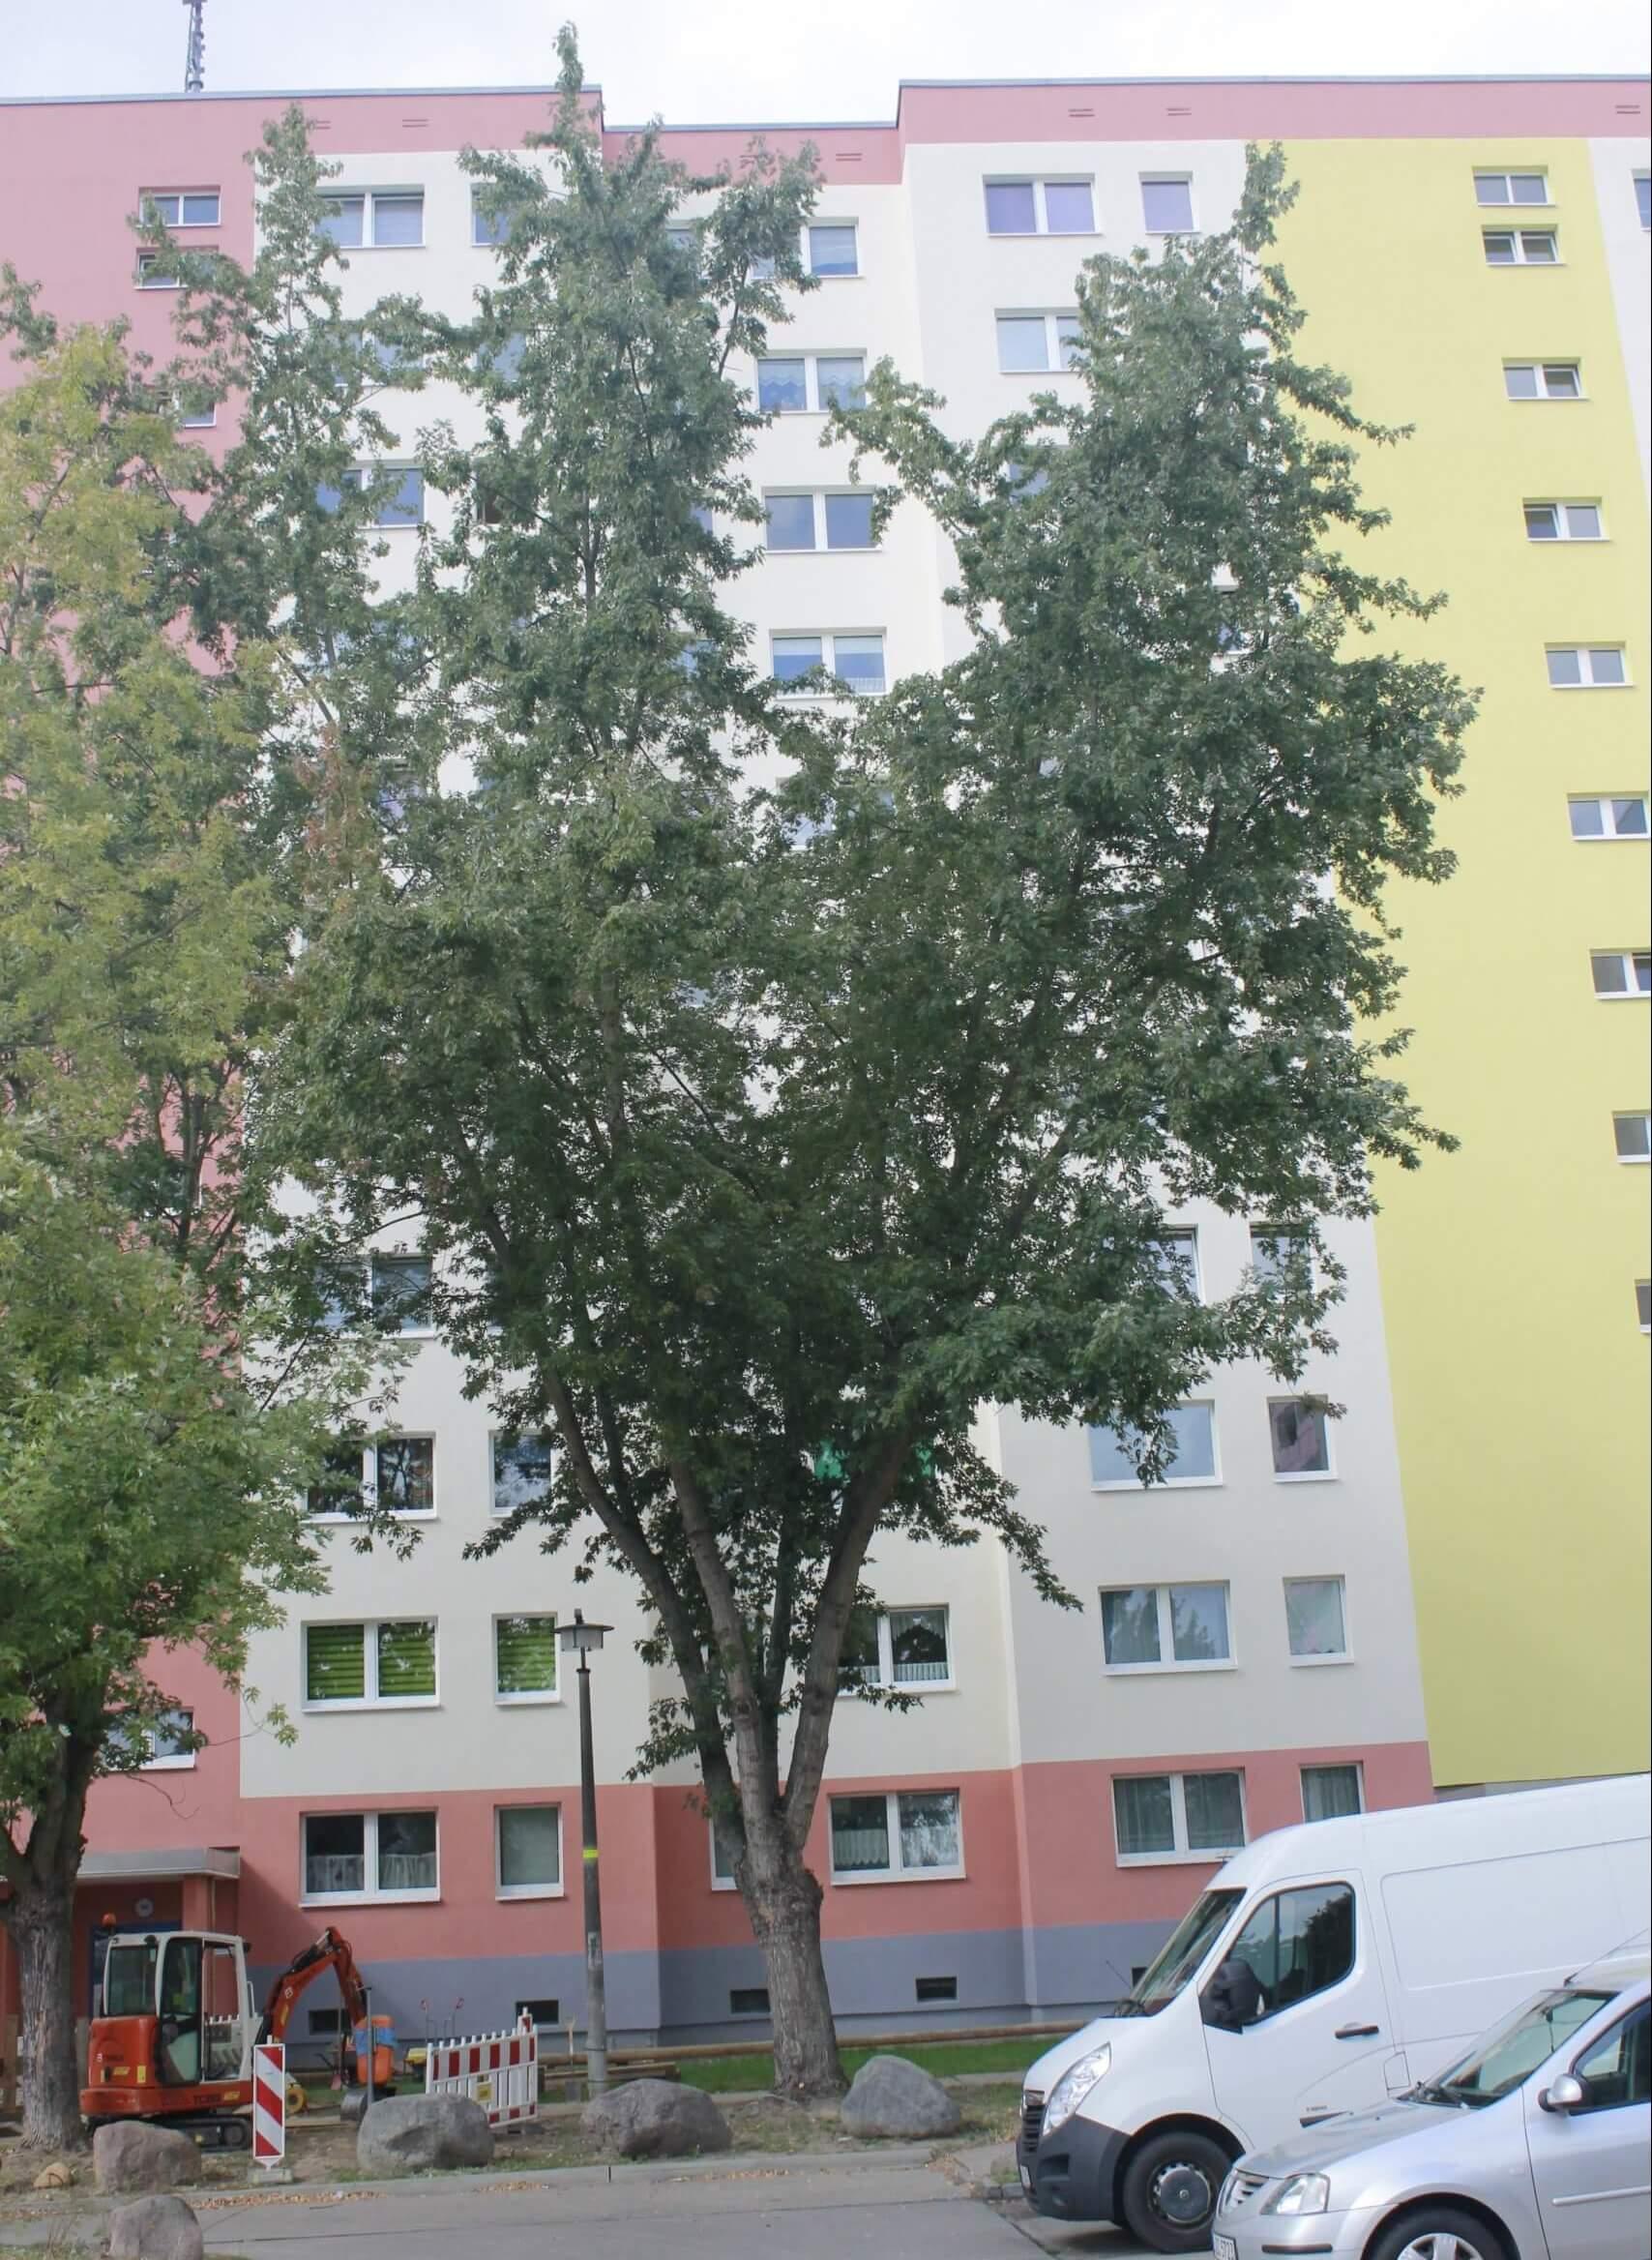 Das Bild zeigt ein Exemplar eines Silber-Ahorns aus einer in Reihe gepflanzten Gruppe an der Ostseite eines Wohnblockes im Kosmosviertel, Zugang Ortolfstraße, unweit des Familienzentrums.